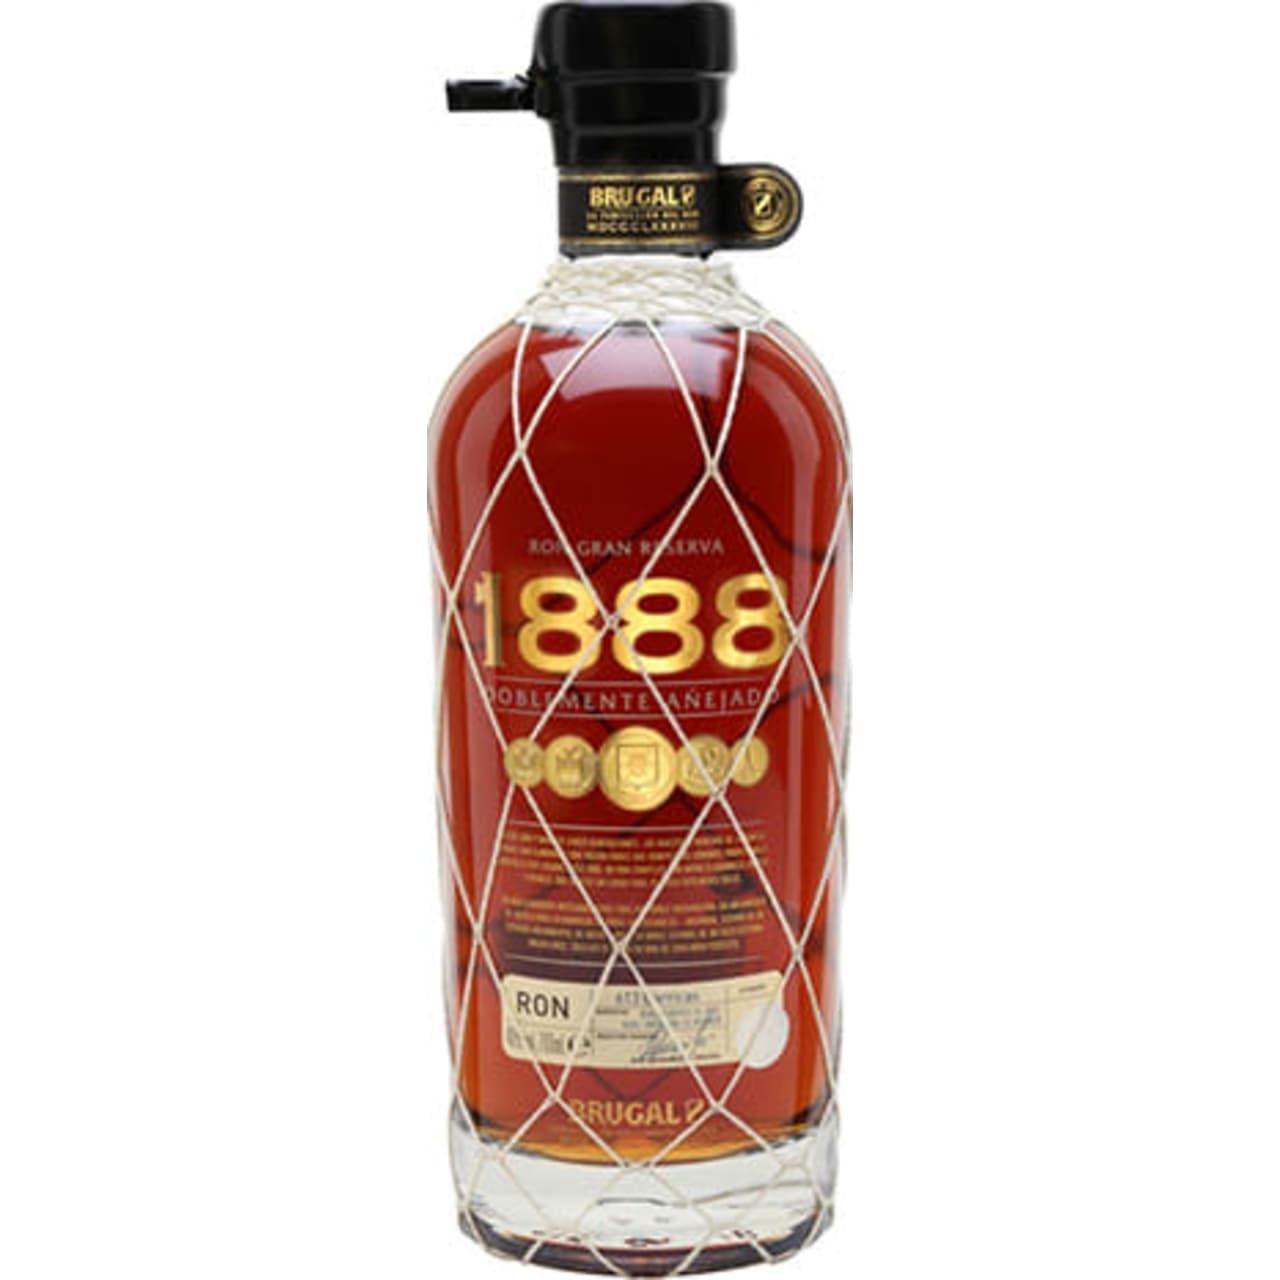 Product Image - Brugal 1888 Rum